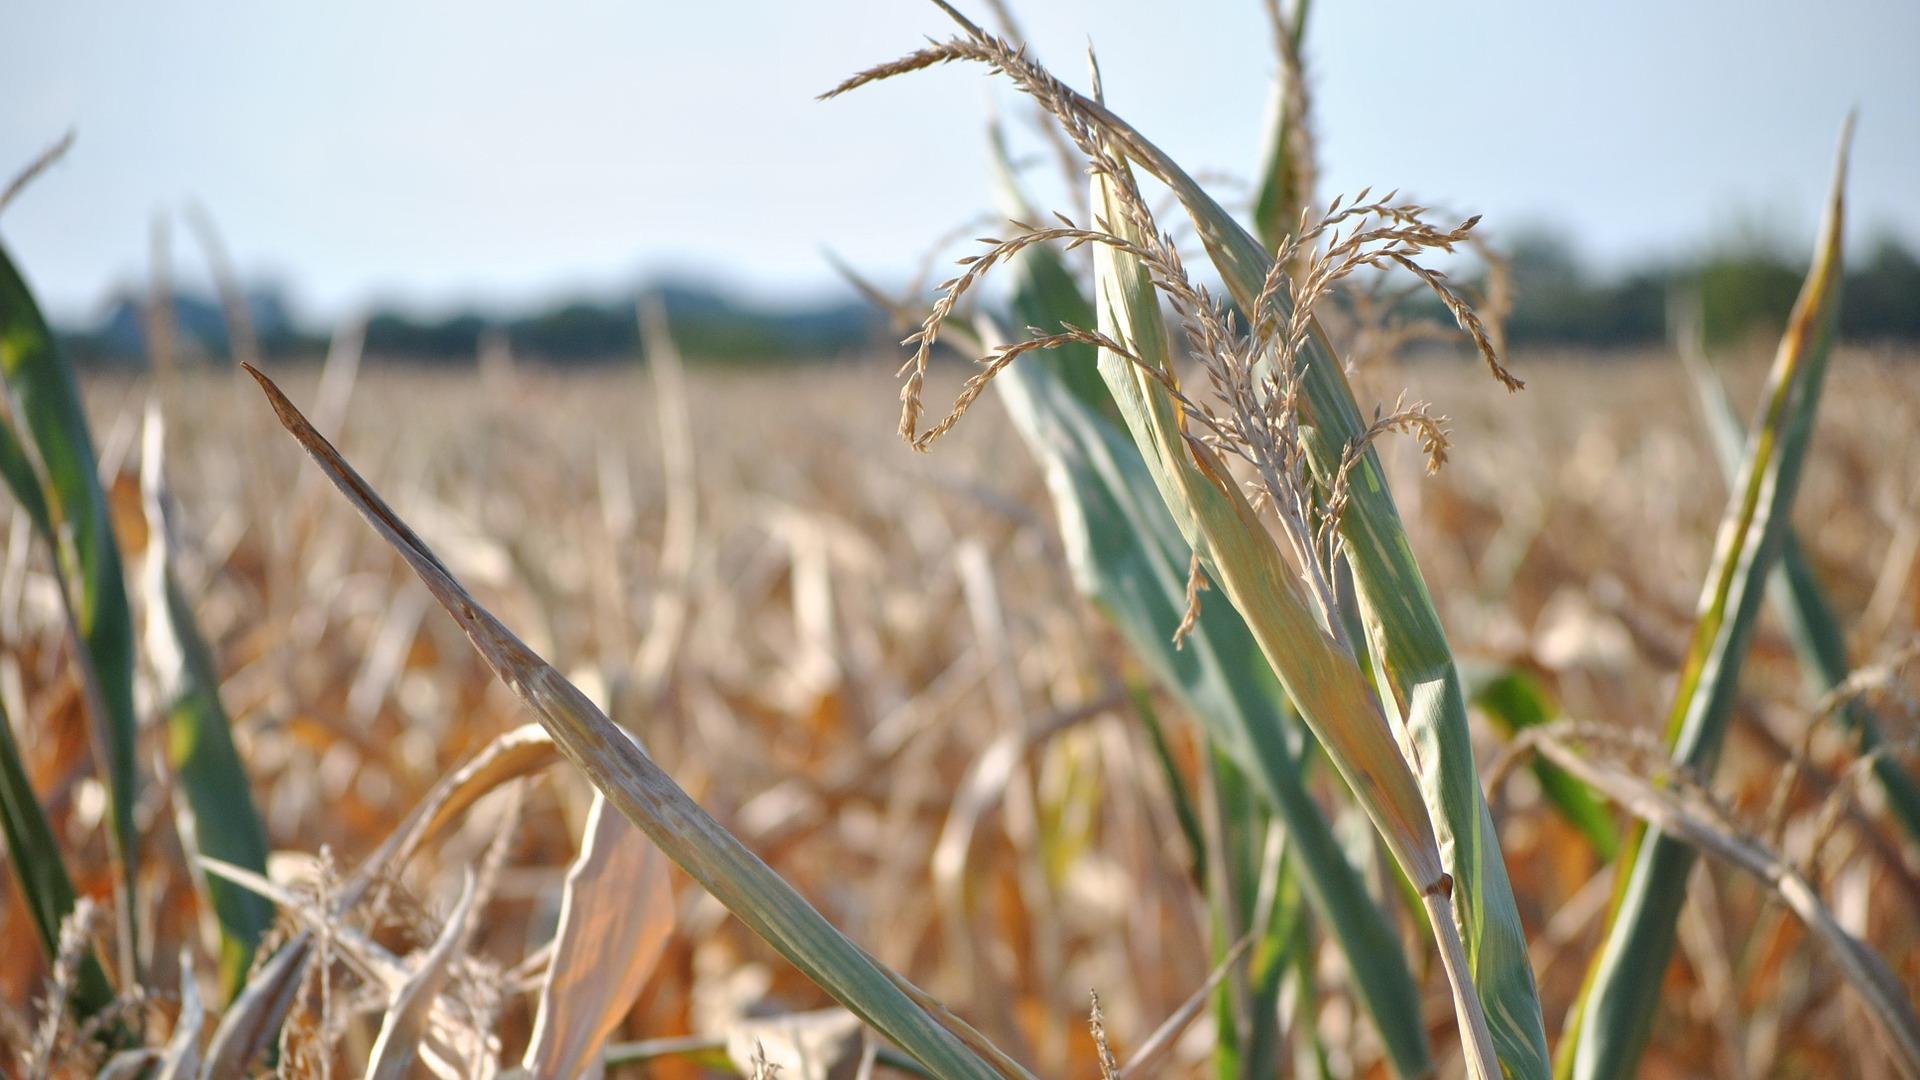 el-precio-de-los-seguros-agrarios-puede-incrementarse-hasta-en-un-100-1920